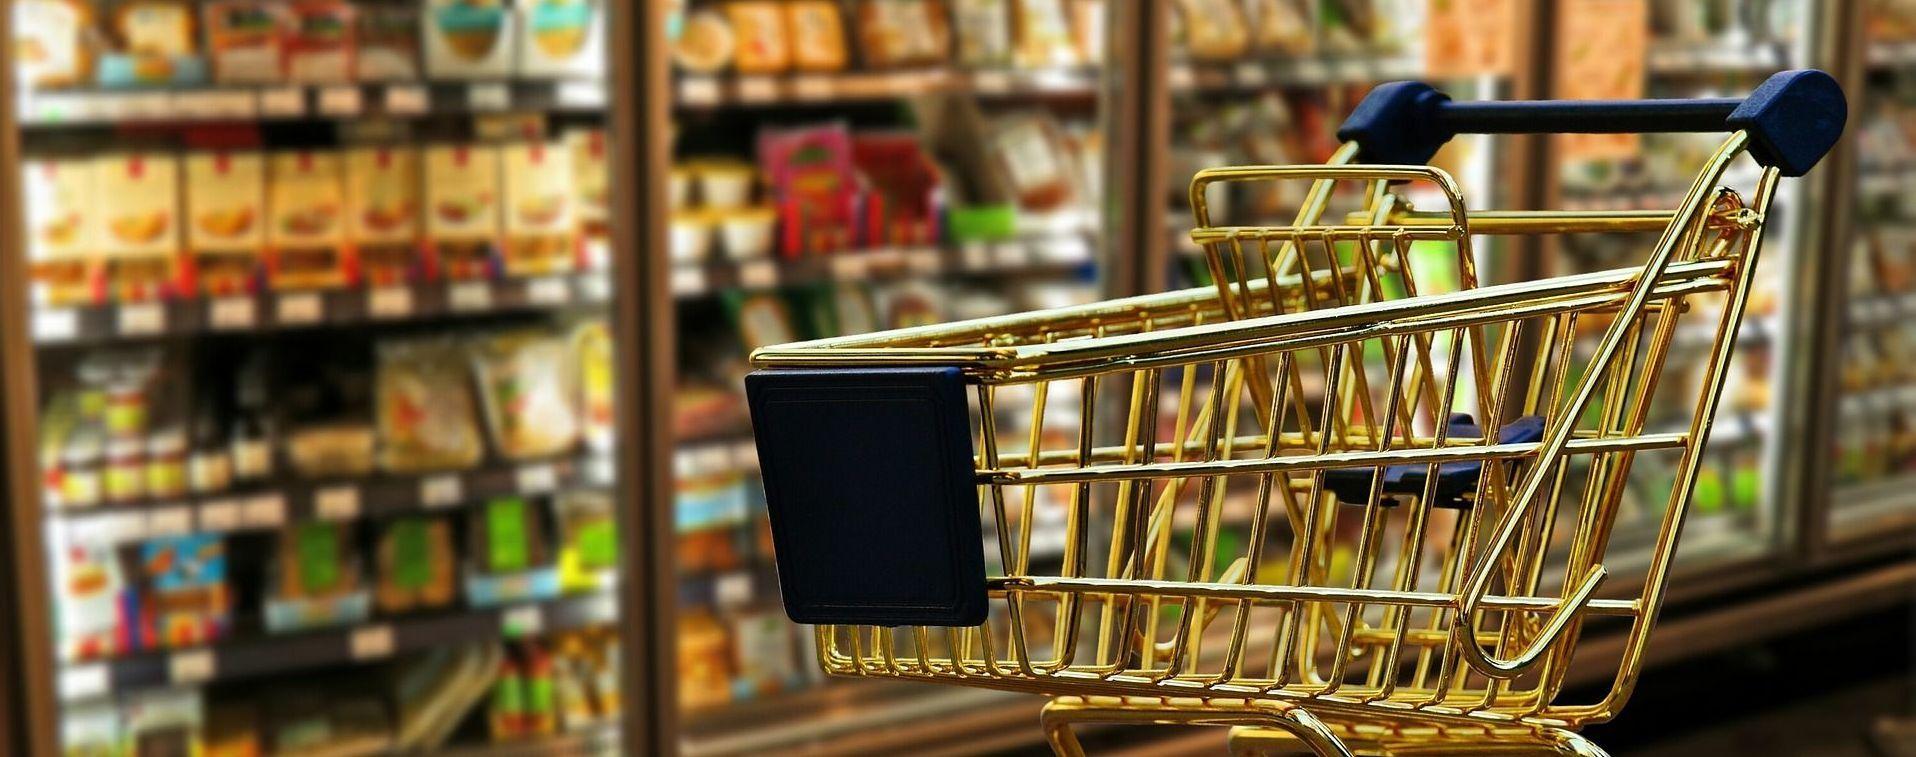 Продукти, одяг, транспорт чи алкоголь: на що у 2020 році найбільше коштів витратили українці